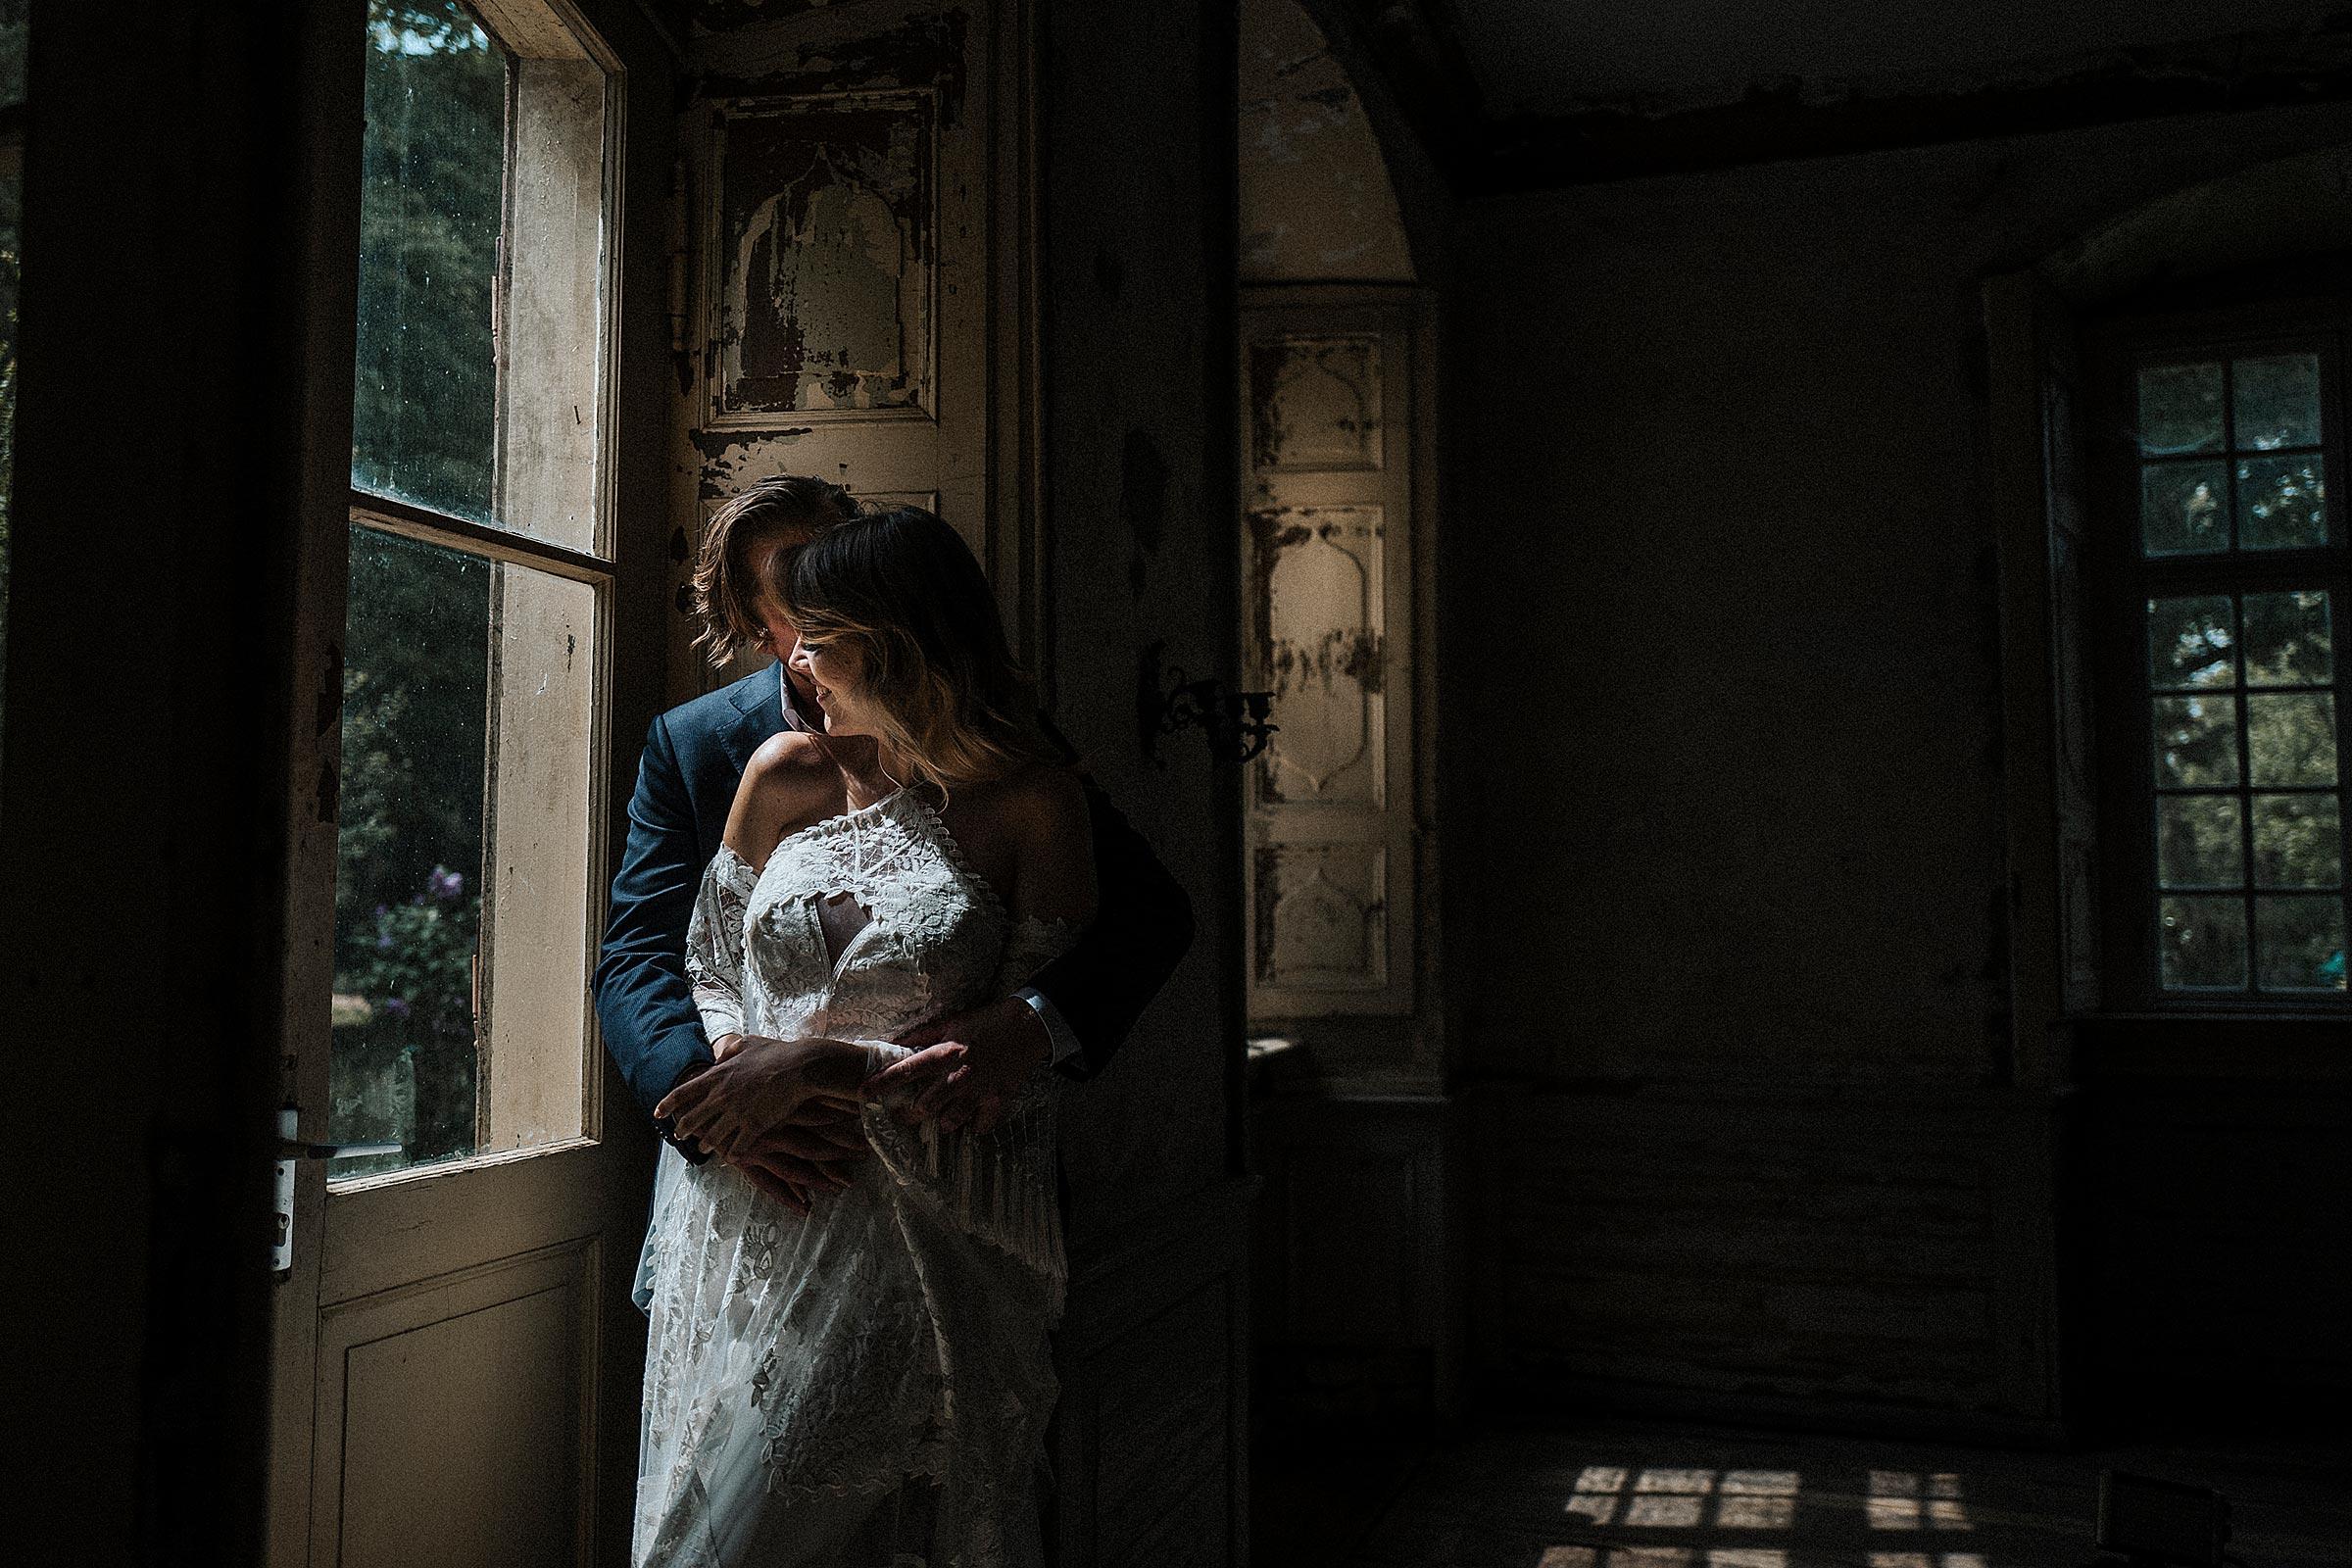 Hochzeitskleid Hochzeitsfotograf Rostock-Neubrandenburg-Mecklenburg-Vorpommern